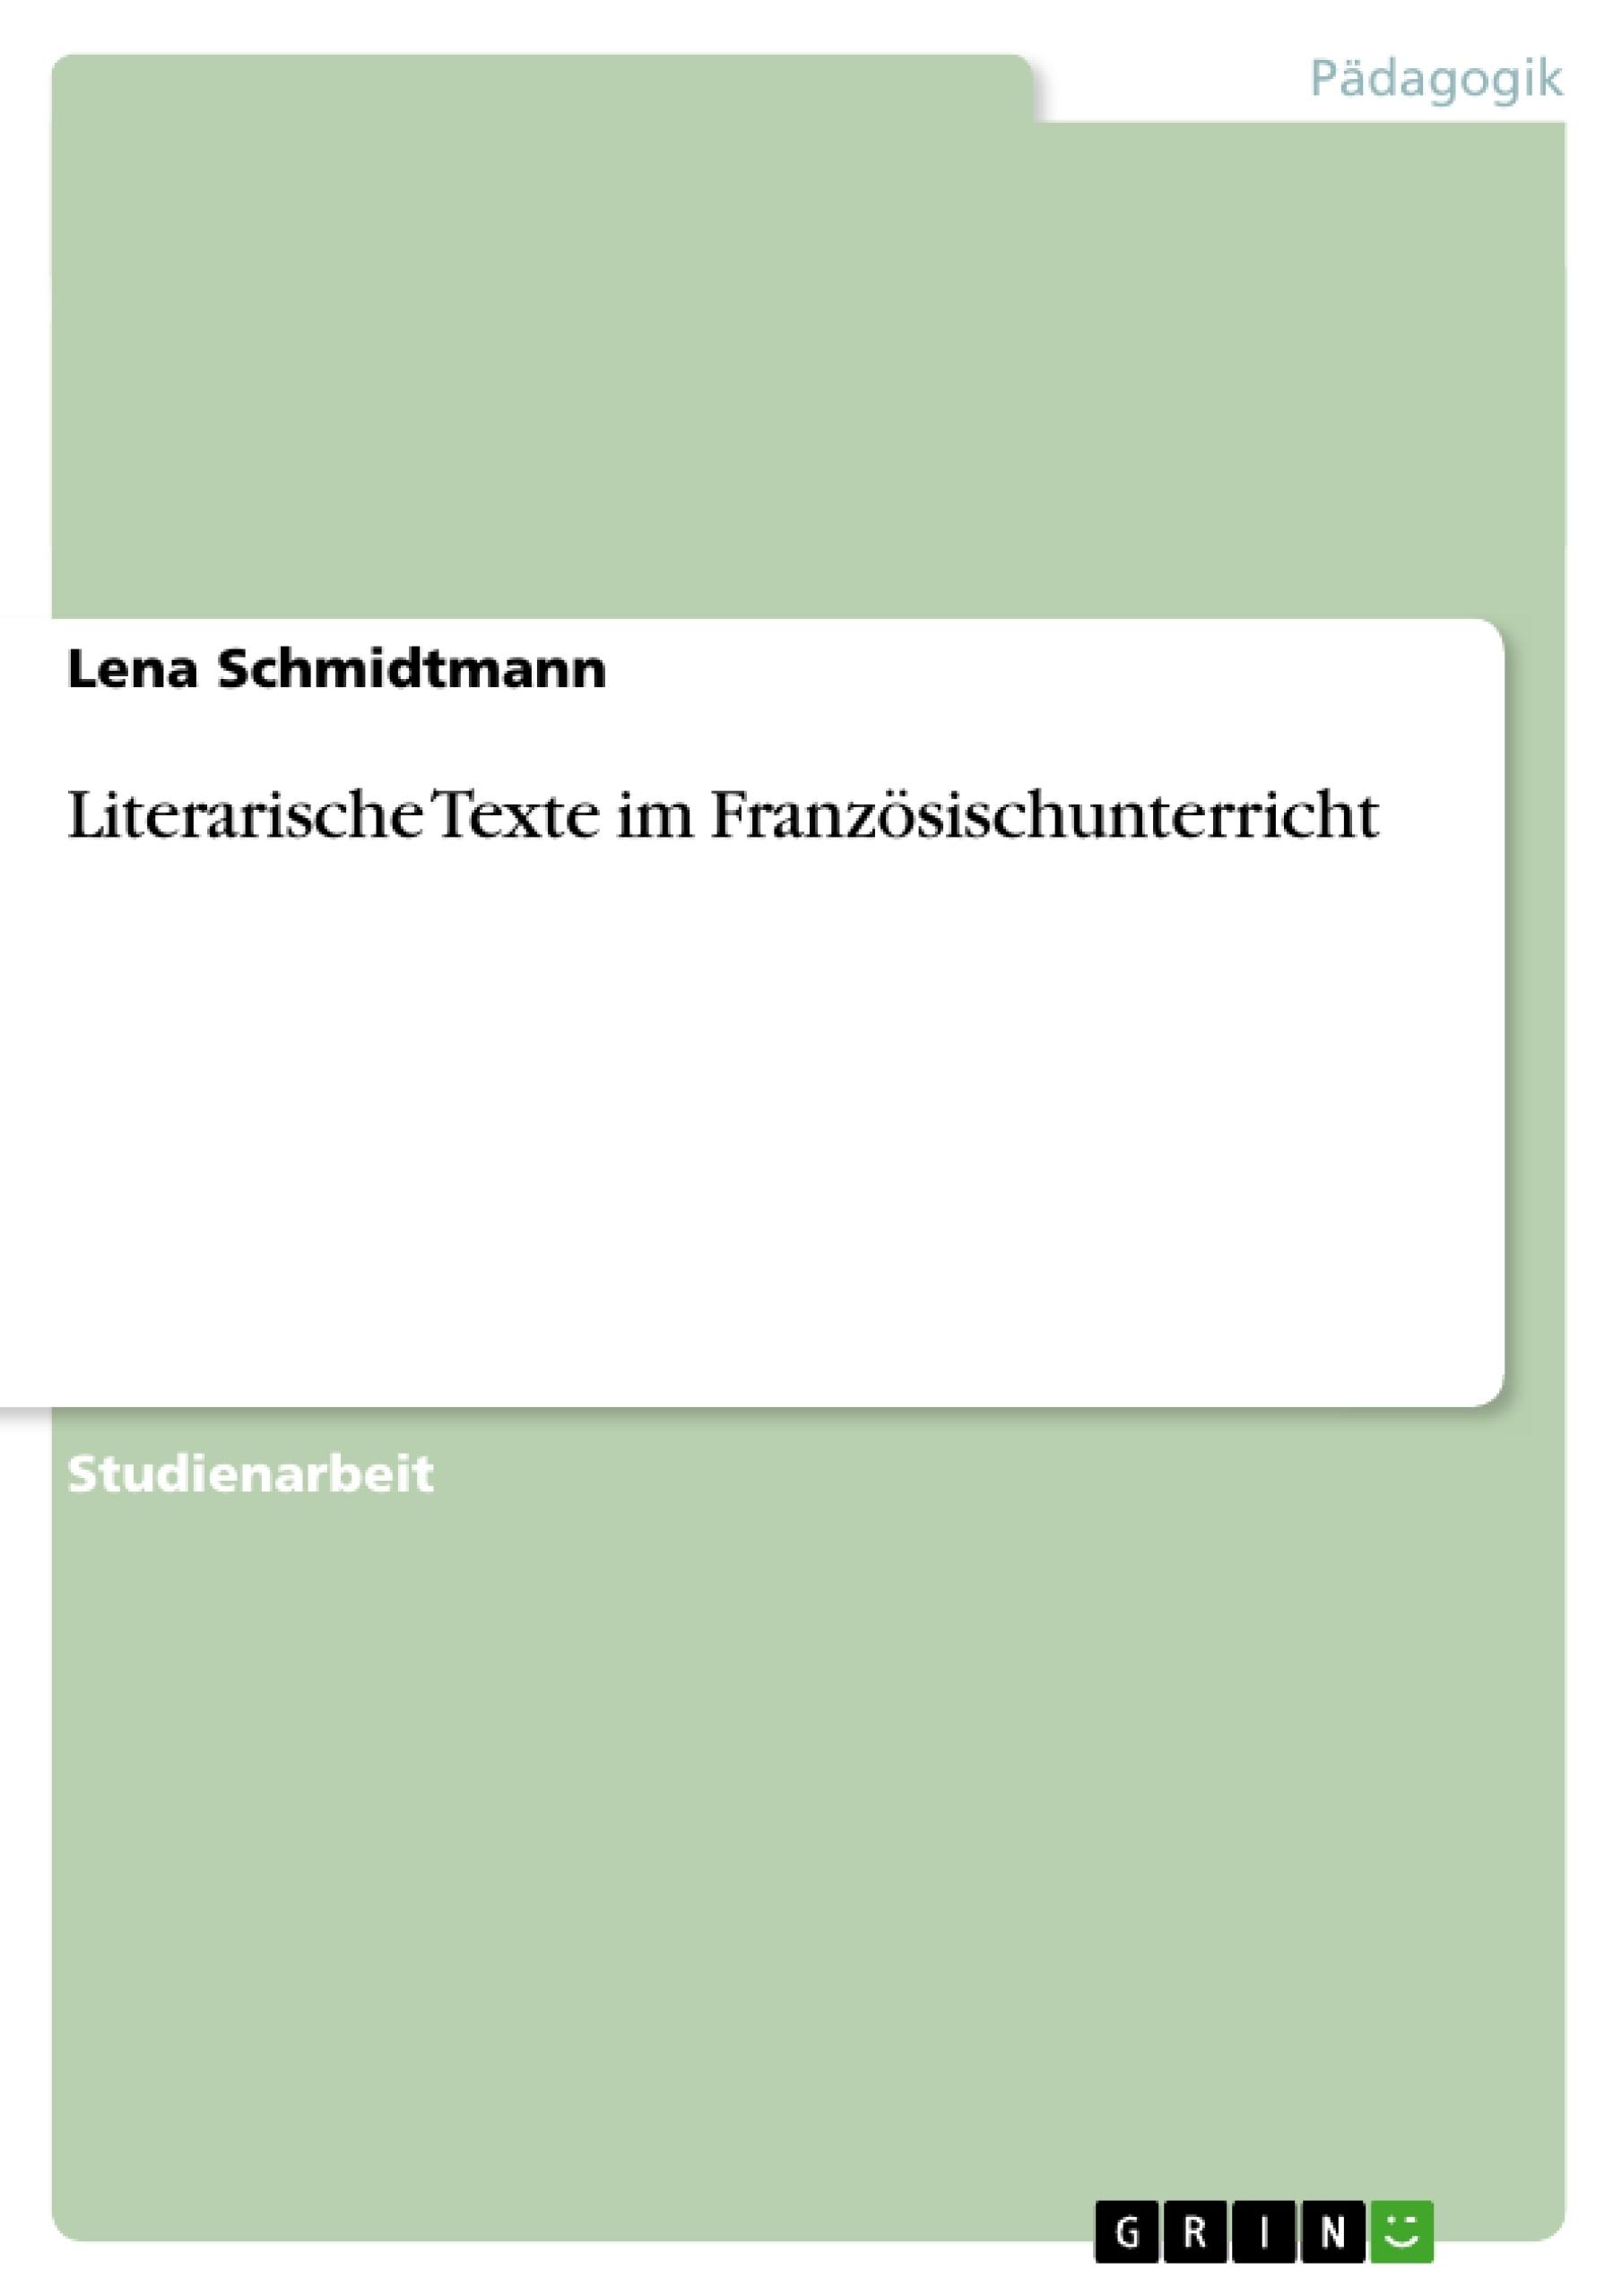 Titel: Literarische Texte im Französischunterricht